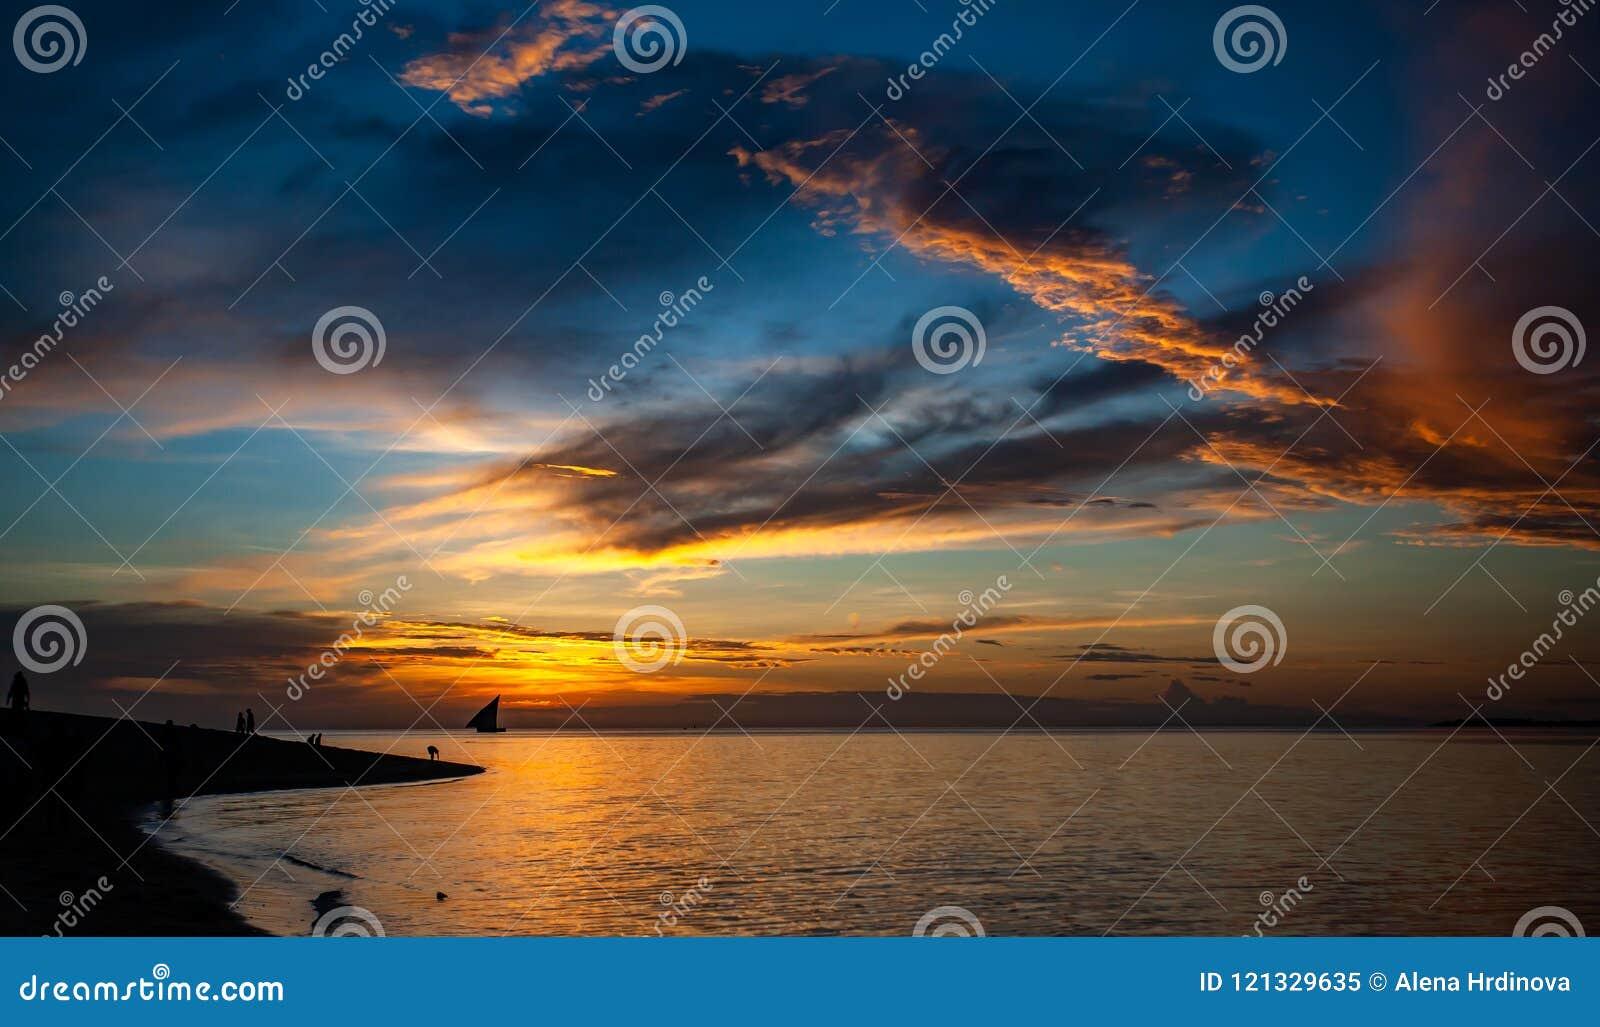 Dämmerung im tropischen Paradies, drastischer Himmel mit Wolken